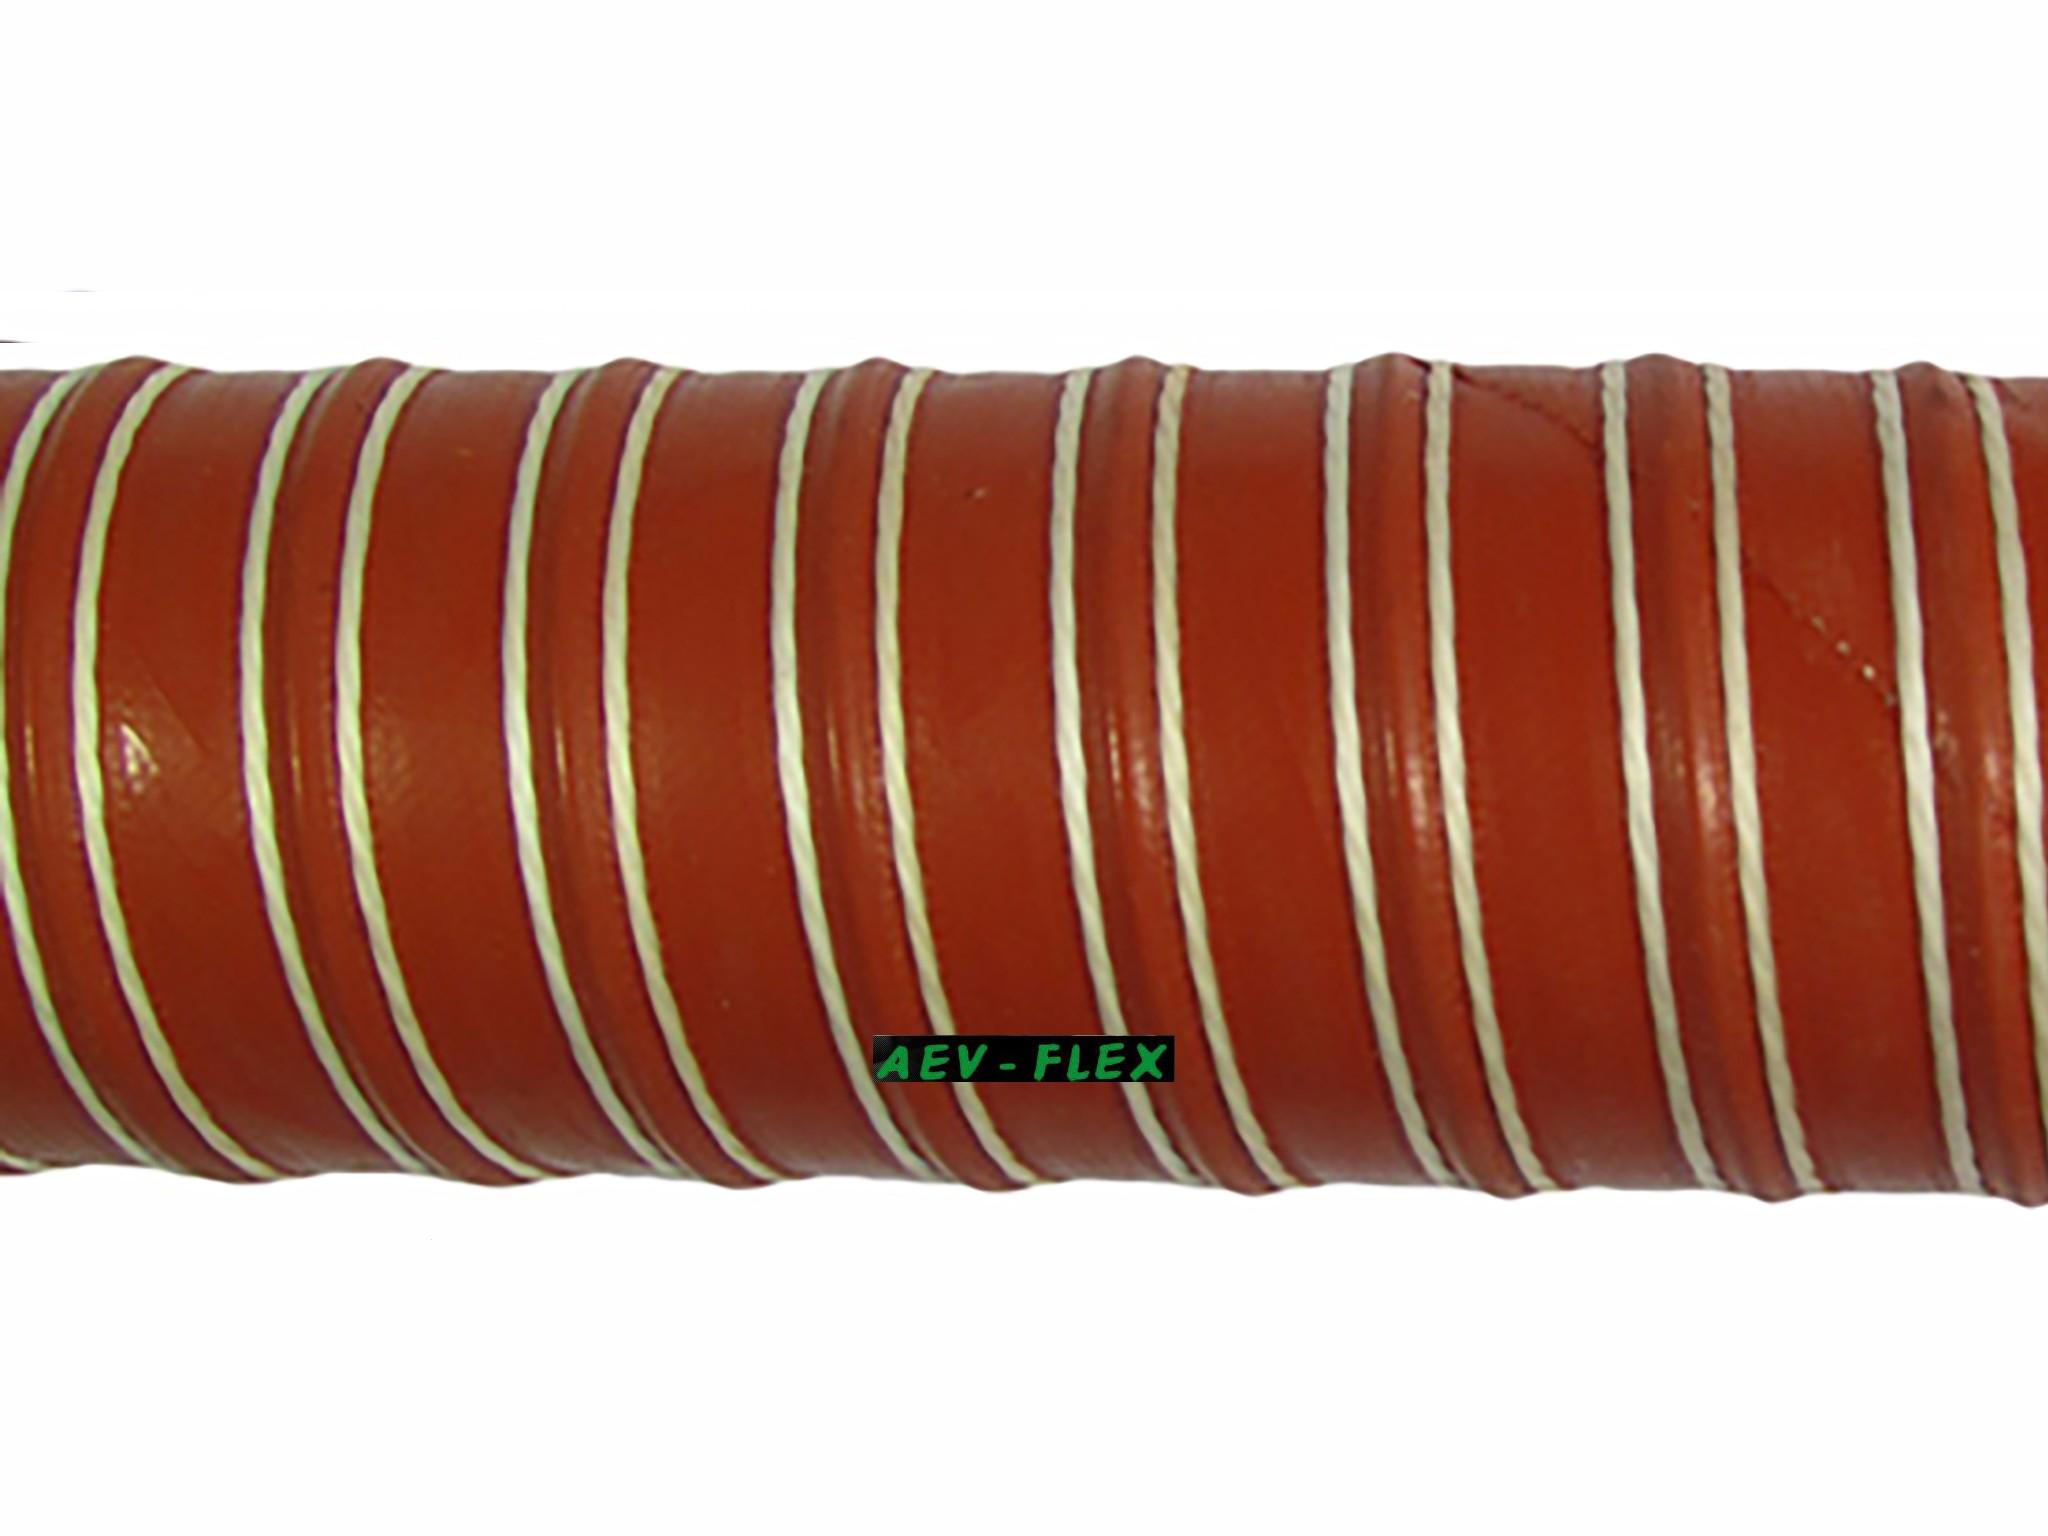 gaine souple haute temp rature par aev flex fabricant de tuyaux et gaines flexibles pvc et. Black Bedroom Furniture Sets. Home Design Ideas